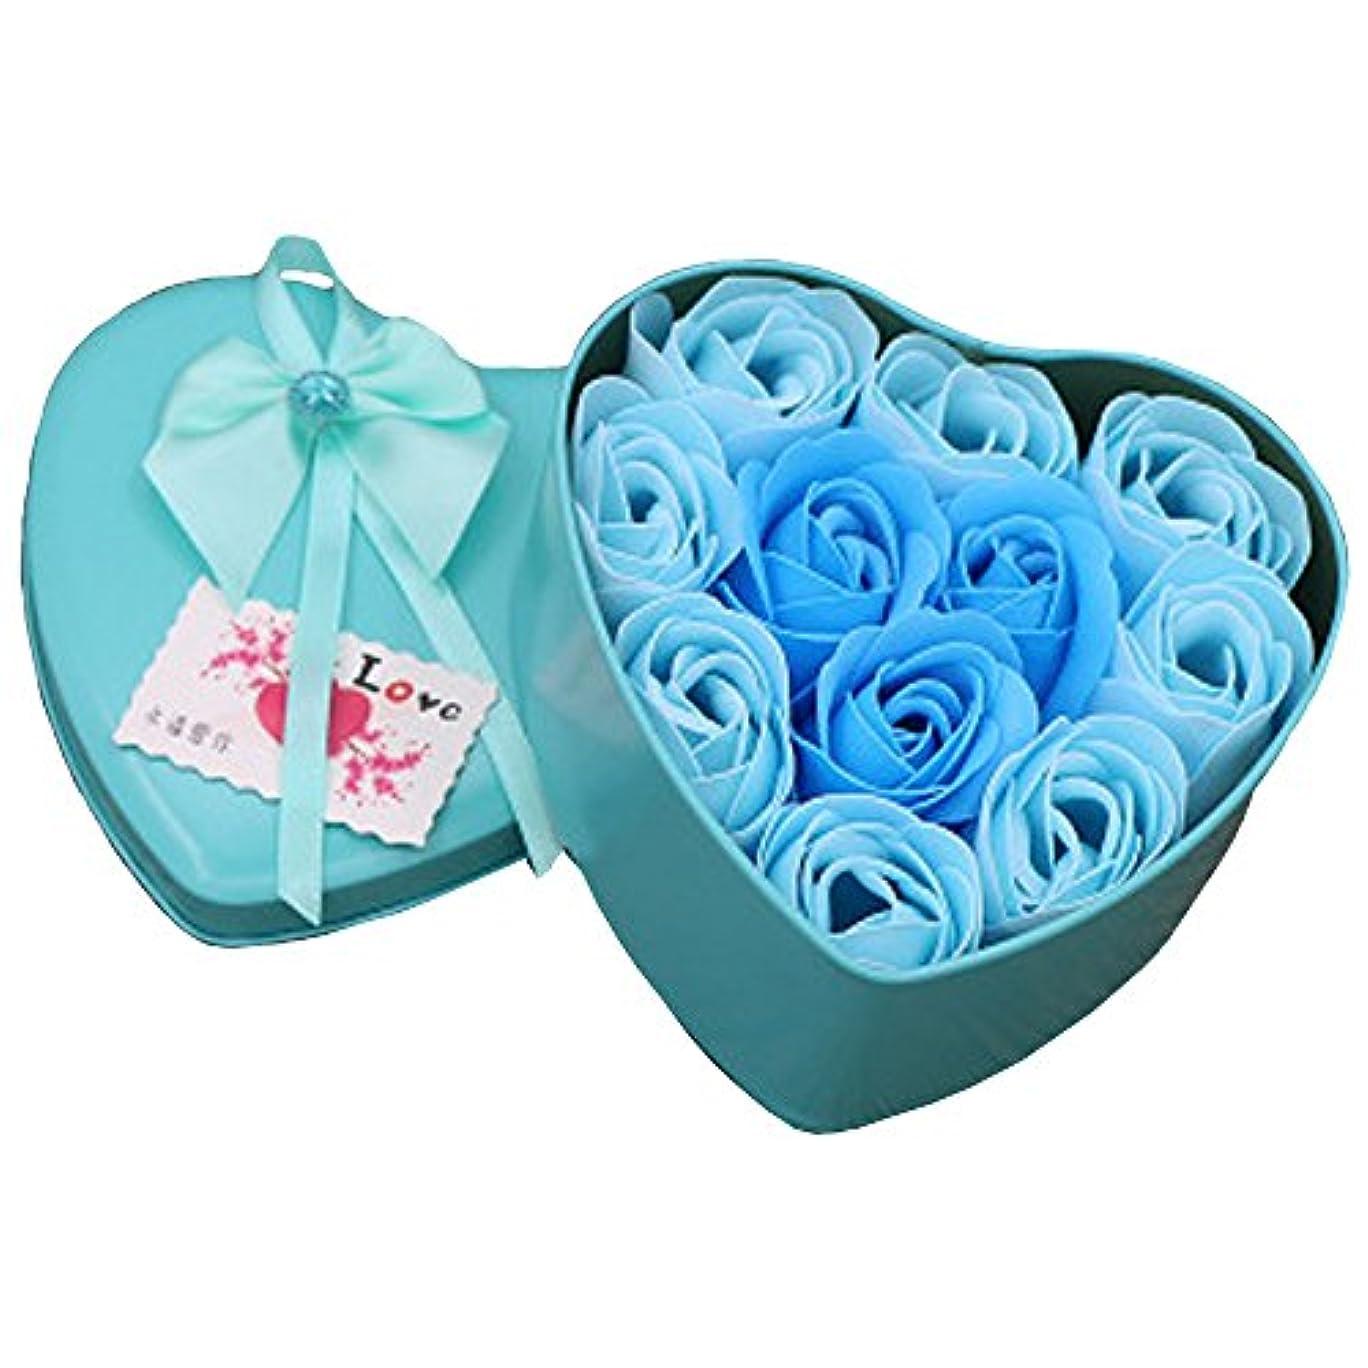 敵意チューインガム表現iCoole ソープフラワー 石鹸花 ハードフラワー形状 ギフトボックス入り 母の日 バレンタインデー お誕生日 ギフト